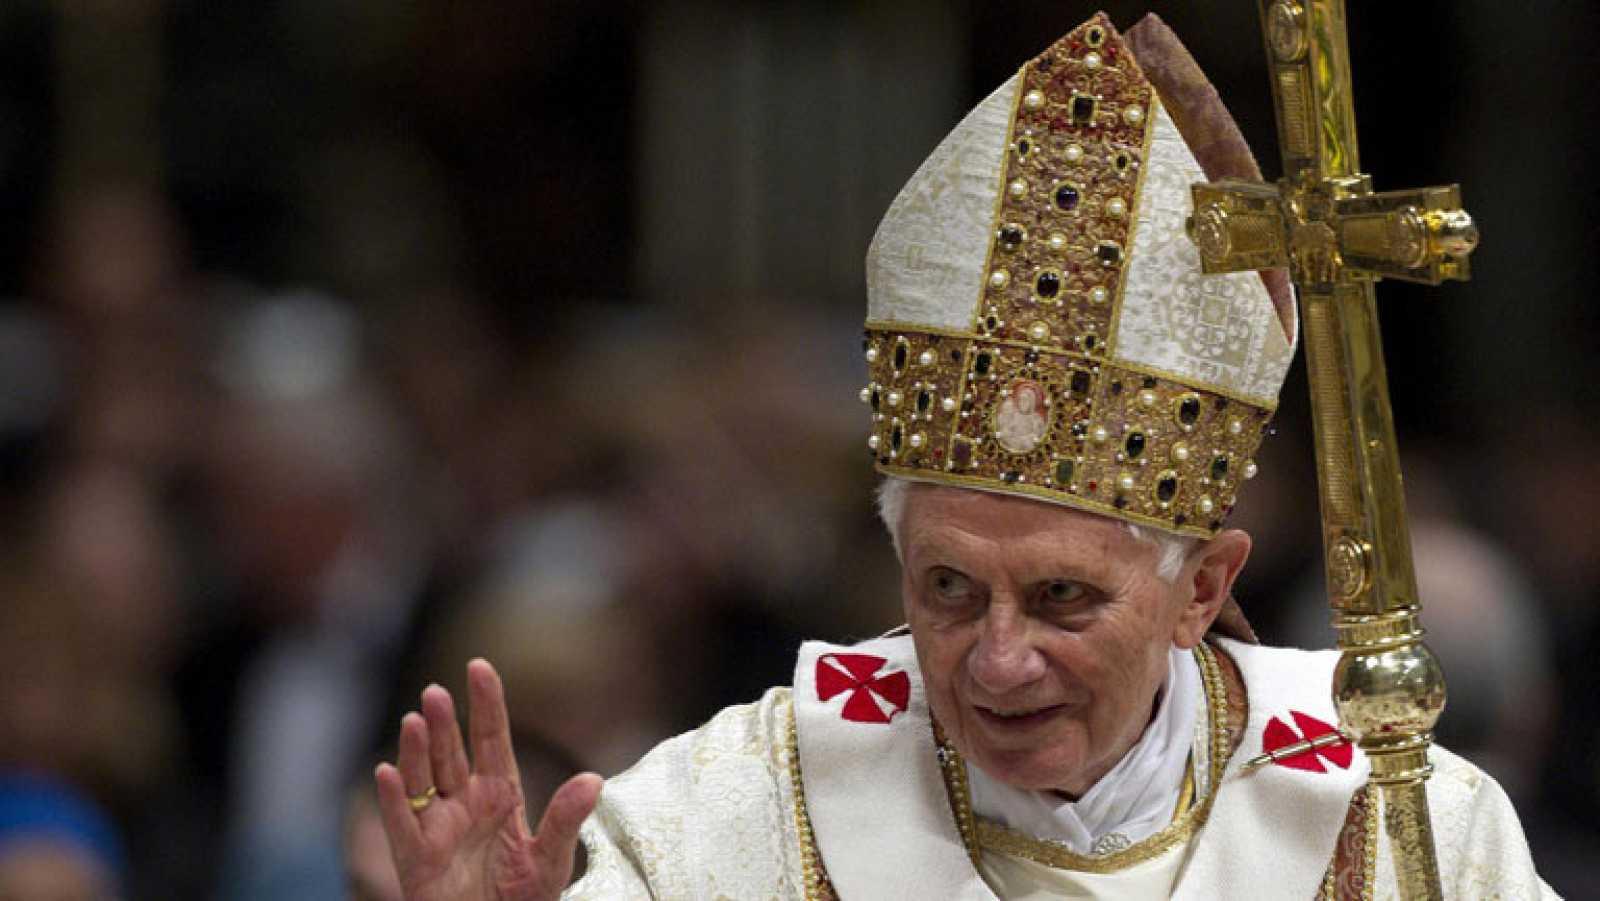 Benedicto XVI se confirma tras algo más de siete años como un Papa de transición